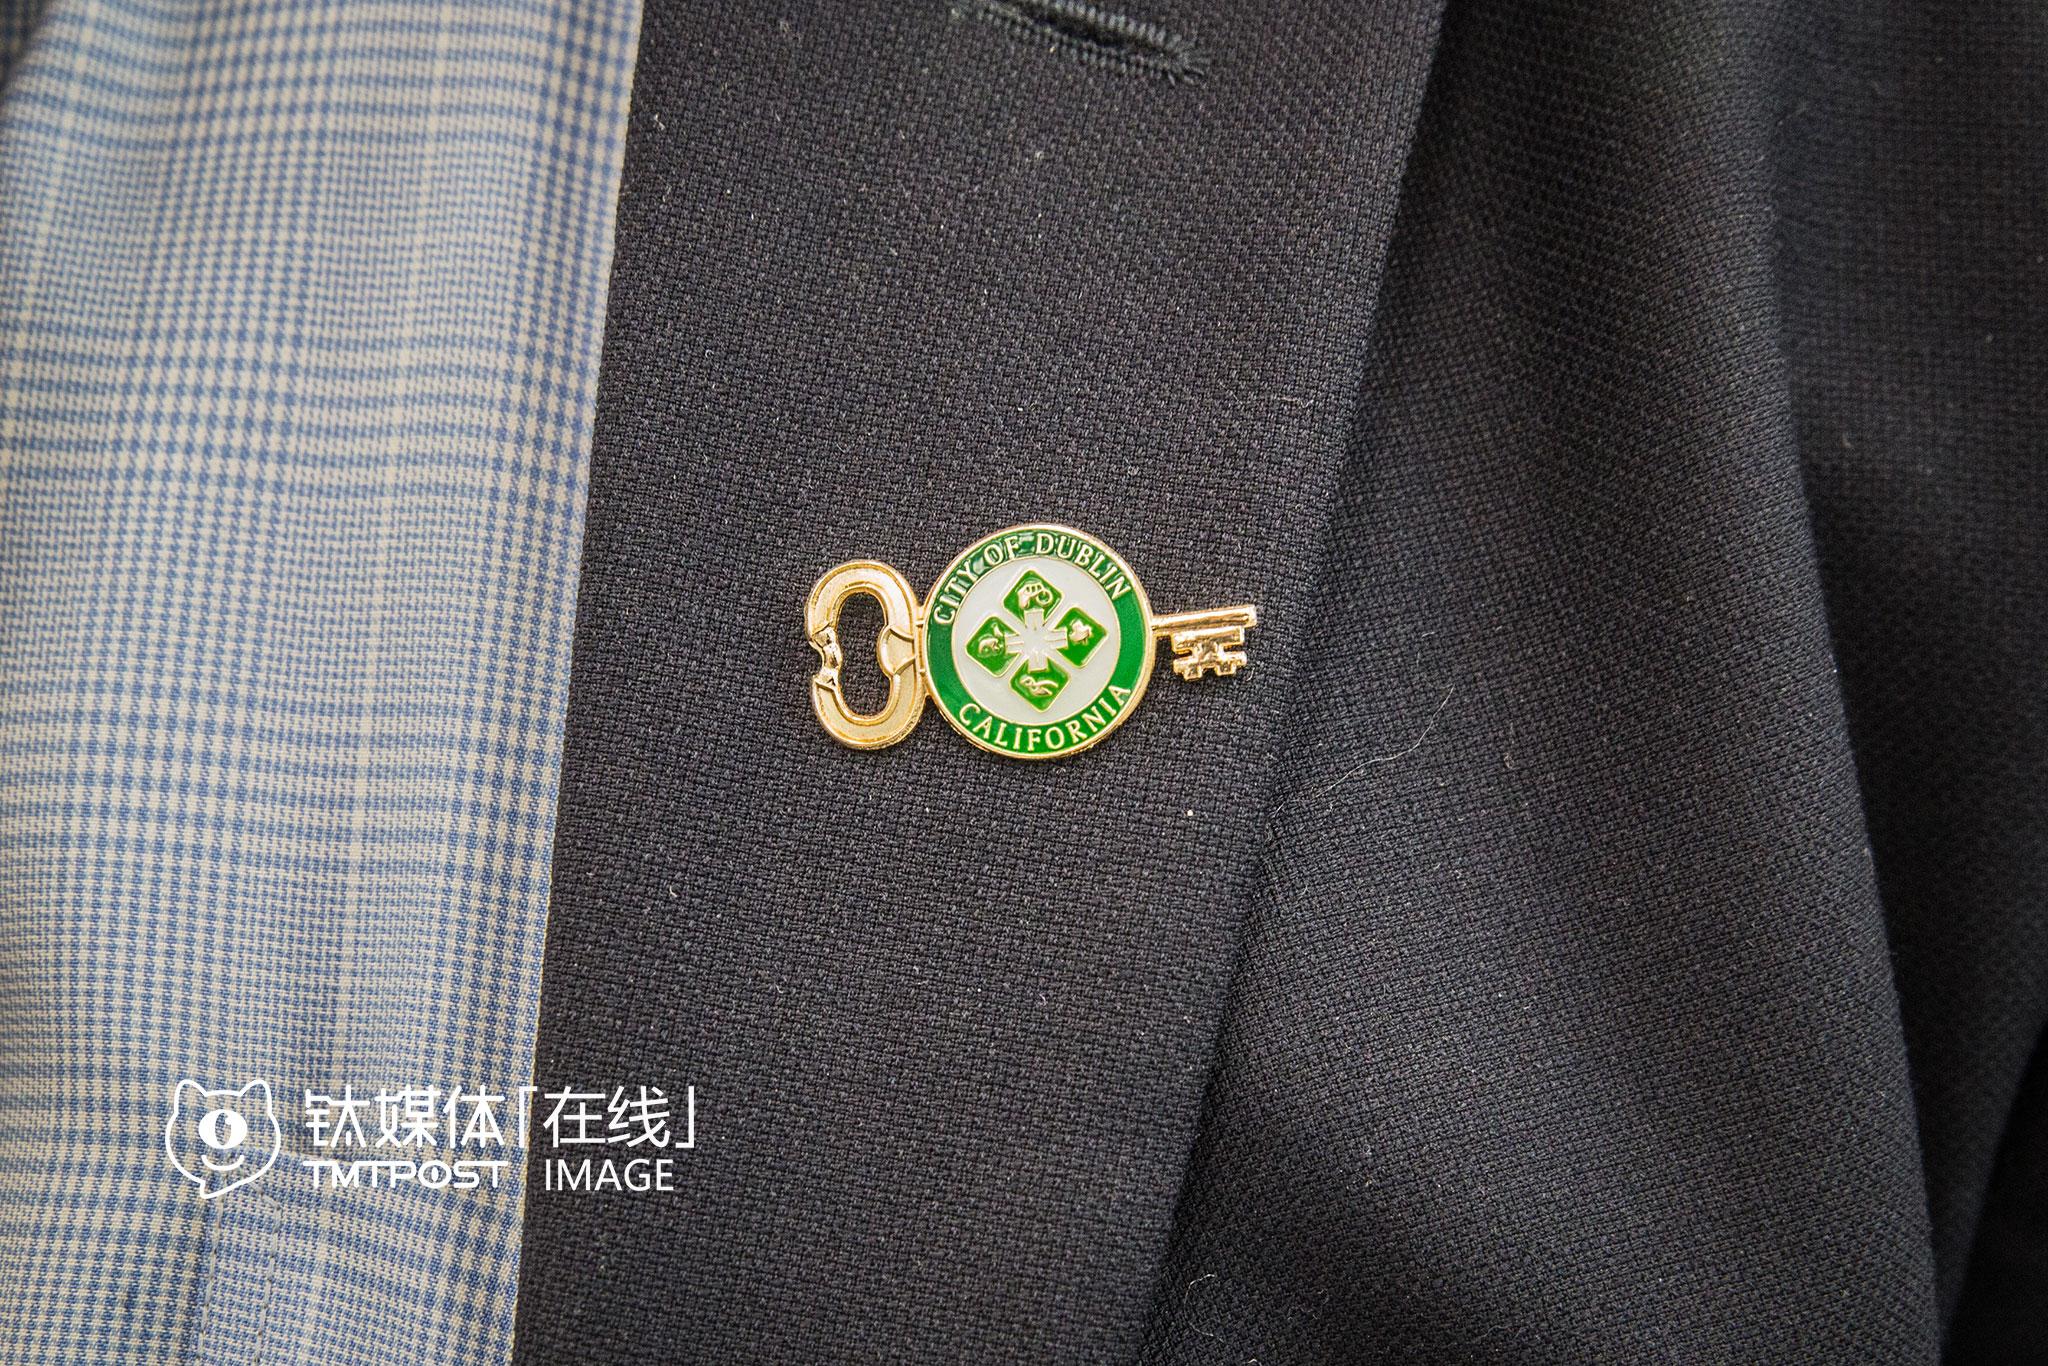 几乎每位市长都随身携带者自己城市的徽章。都柏林市市长David Haubert自己设计并完善了这枚徽章,在中国的时间,只要是出席活动,他一直都戴着,或者当做礼物赠送给他人。